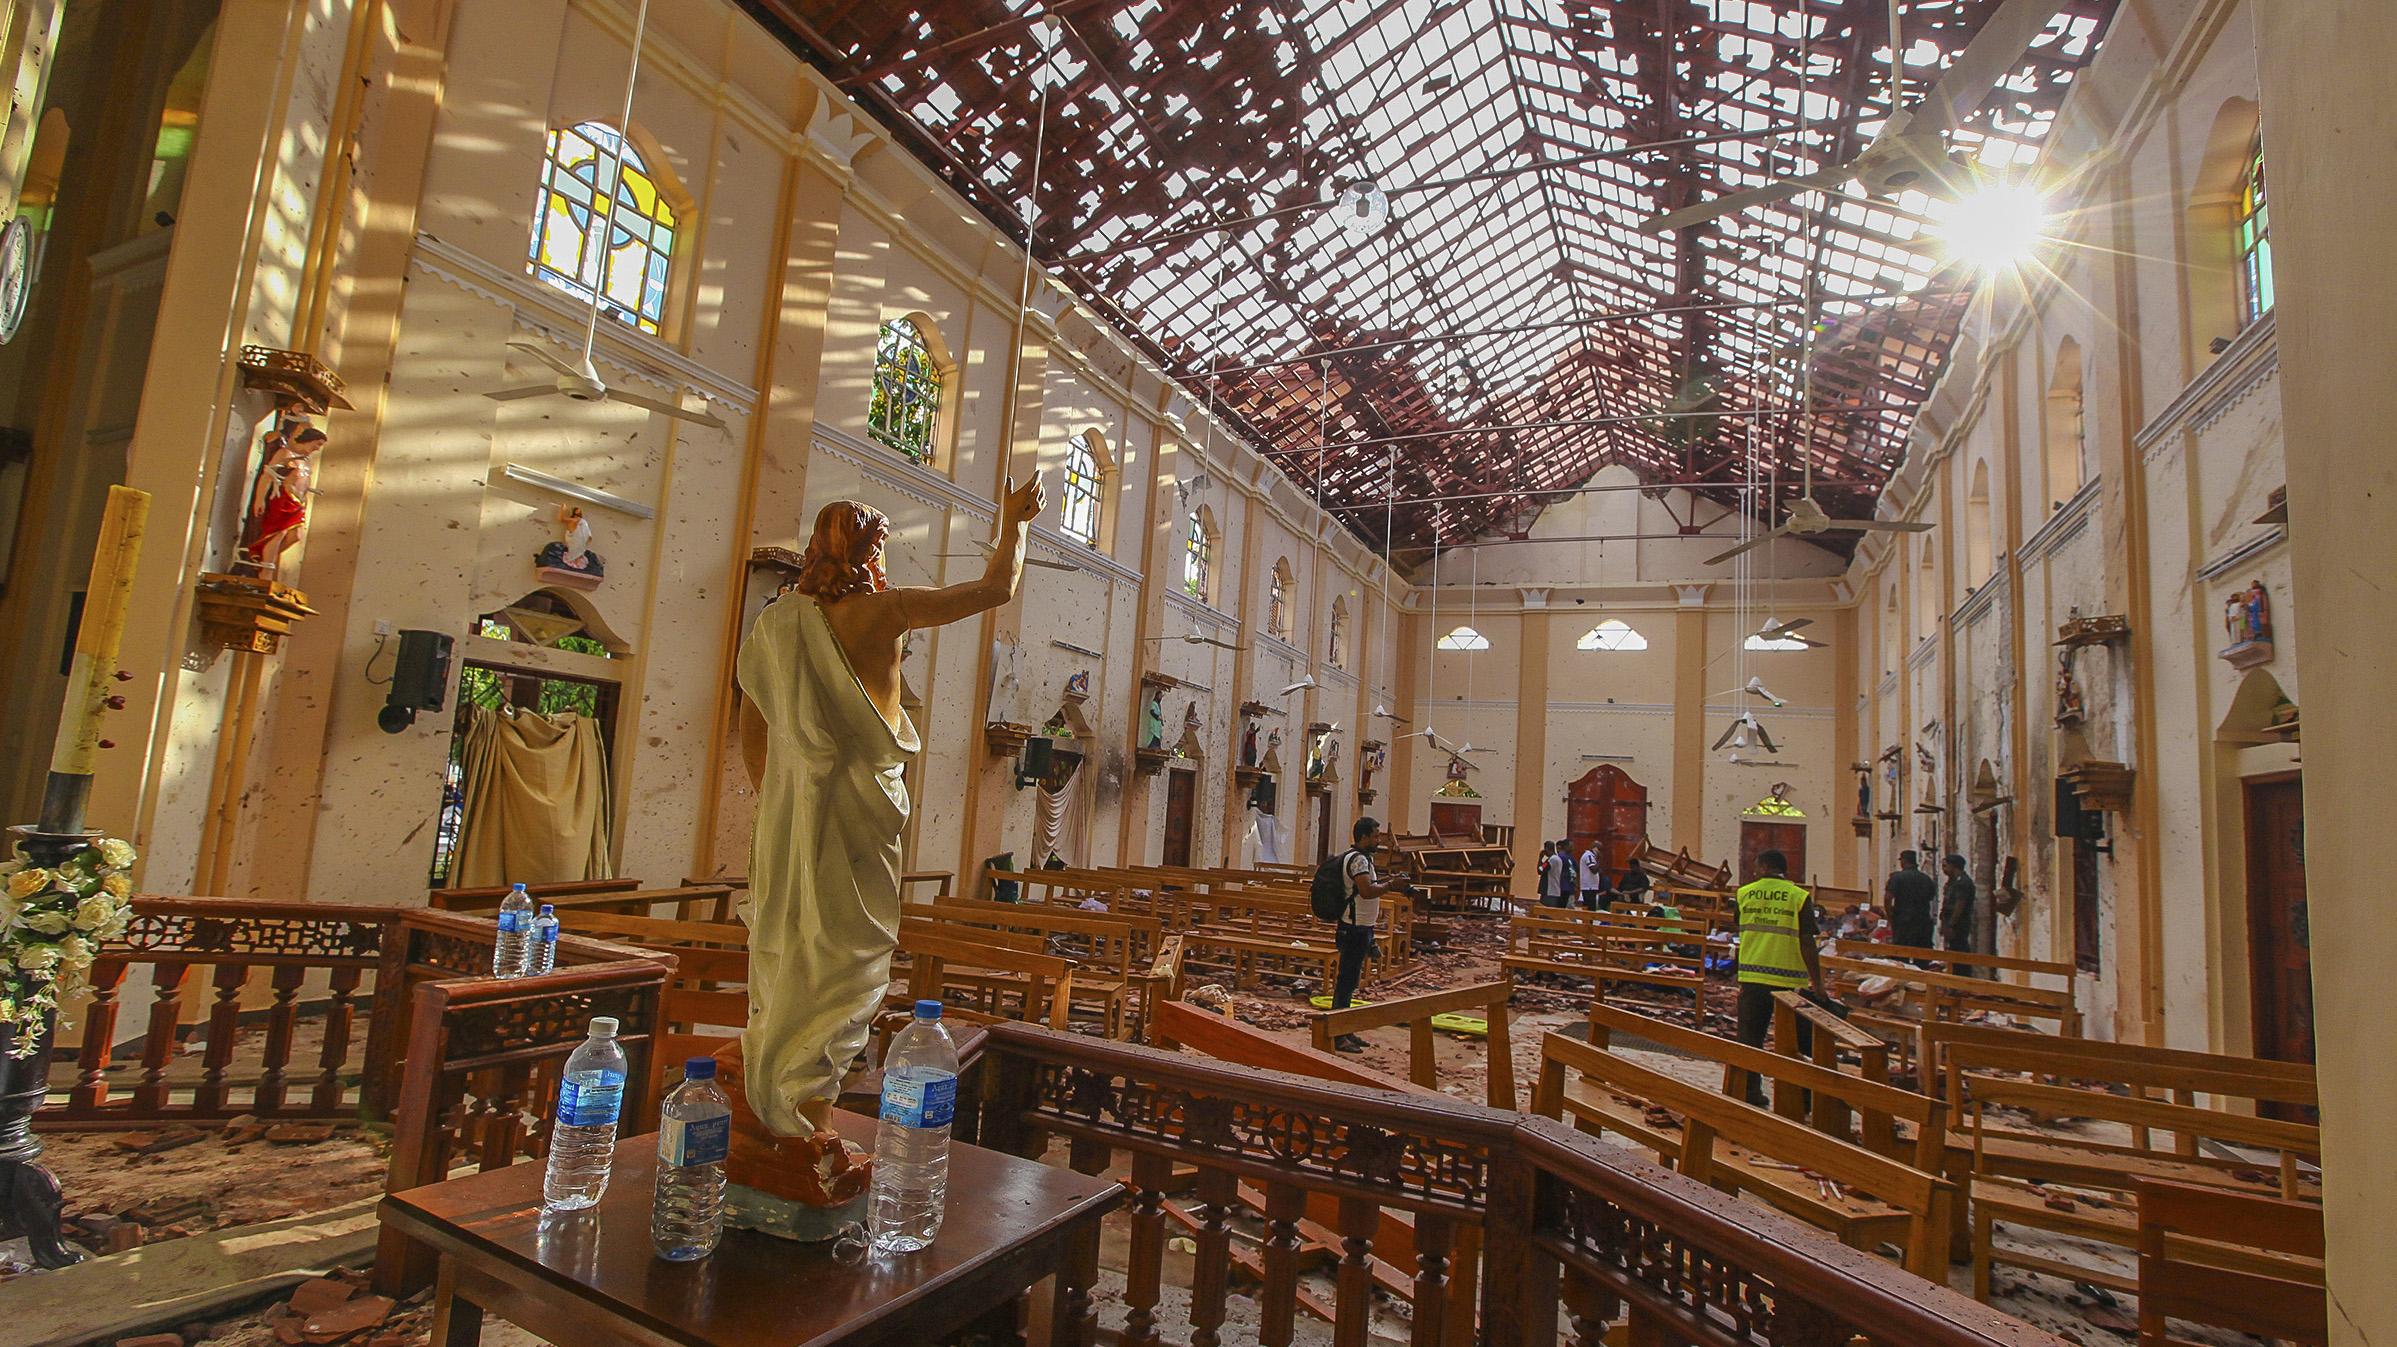 Atentados en Sri Lanka: Número de fallecidos aumenta a 310 y autoridades confirman nuevas detenciones